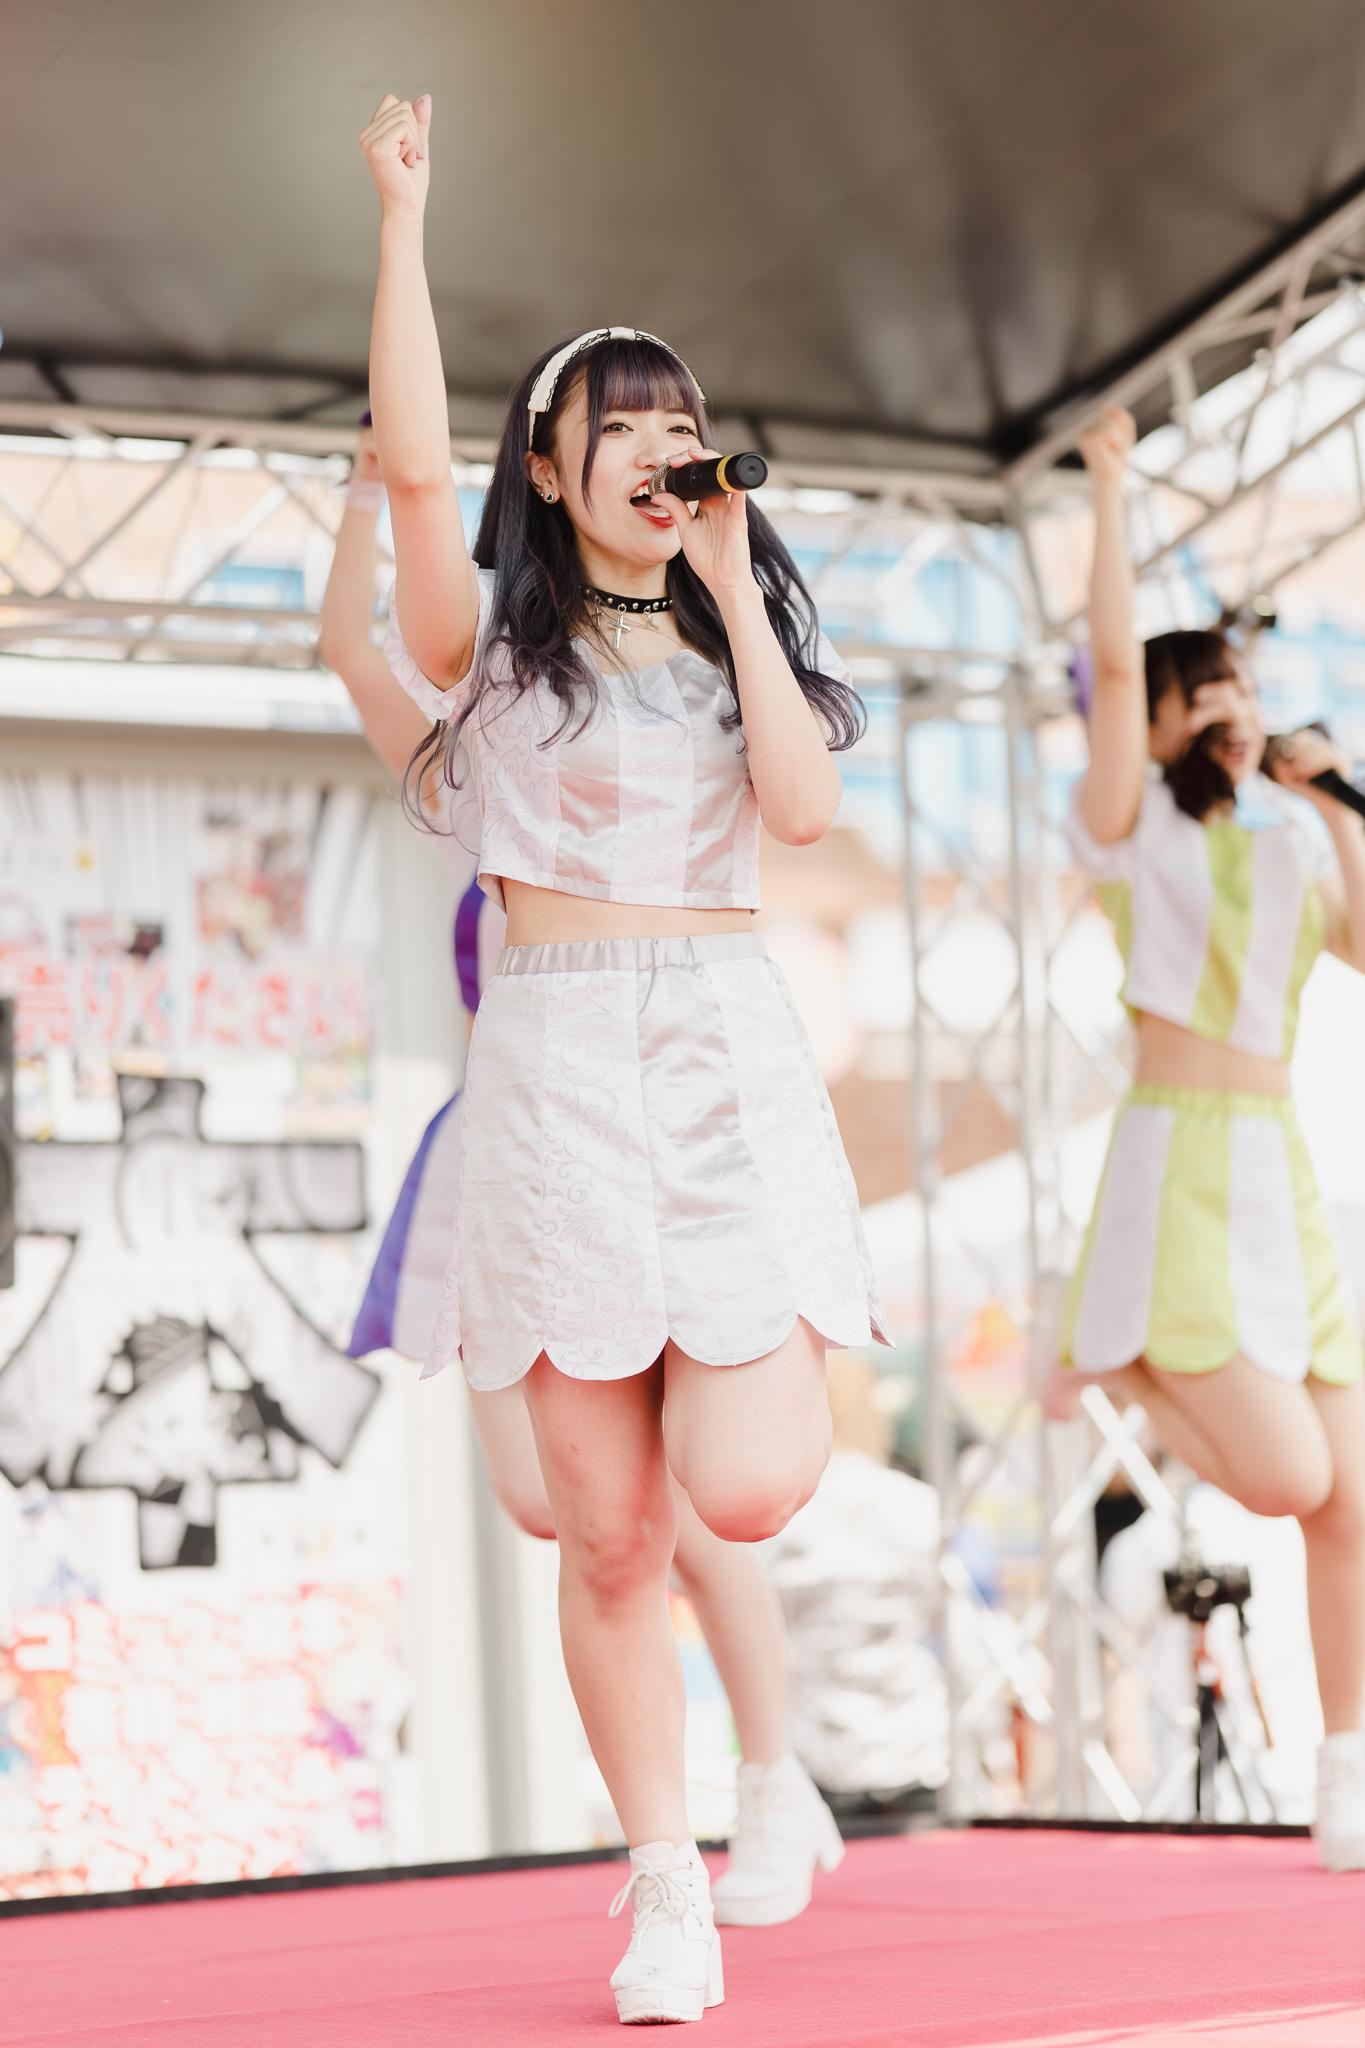 フルーティー♡ あおい ( 横山葵 ) | お宝百貨店万代藤野店「SUMMER FESTIVAL 2021」1日目